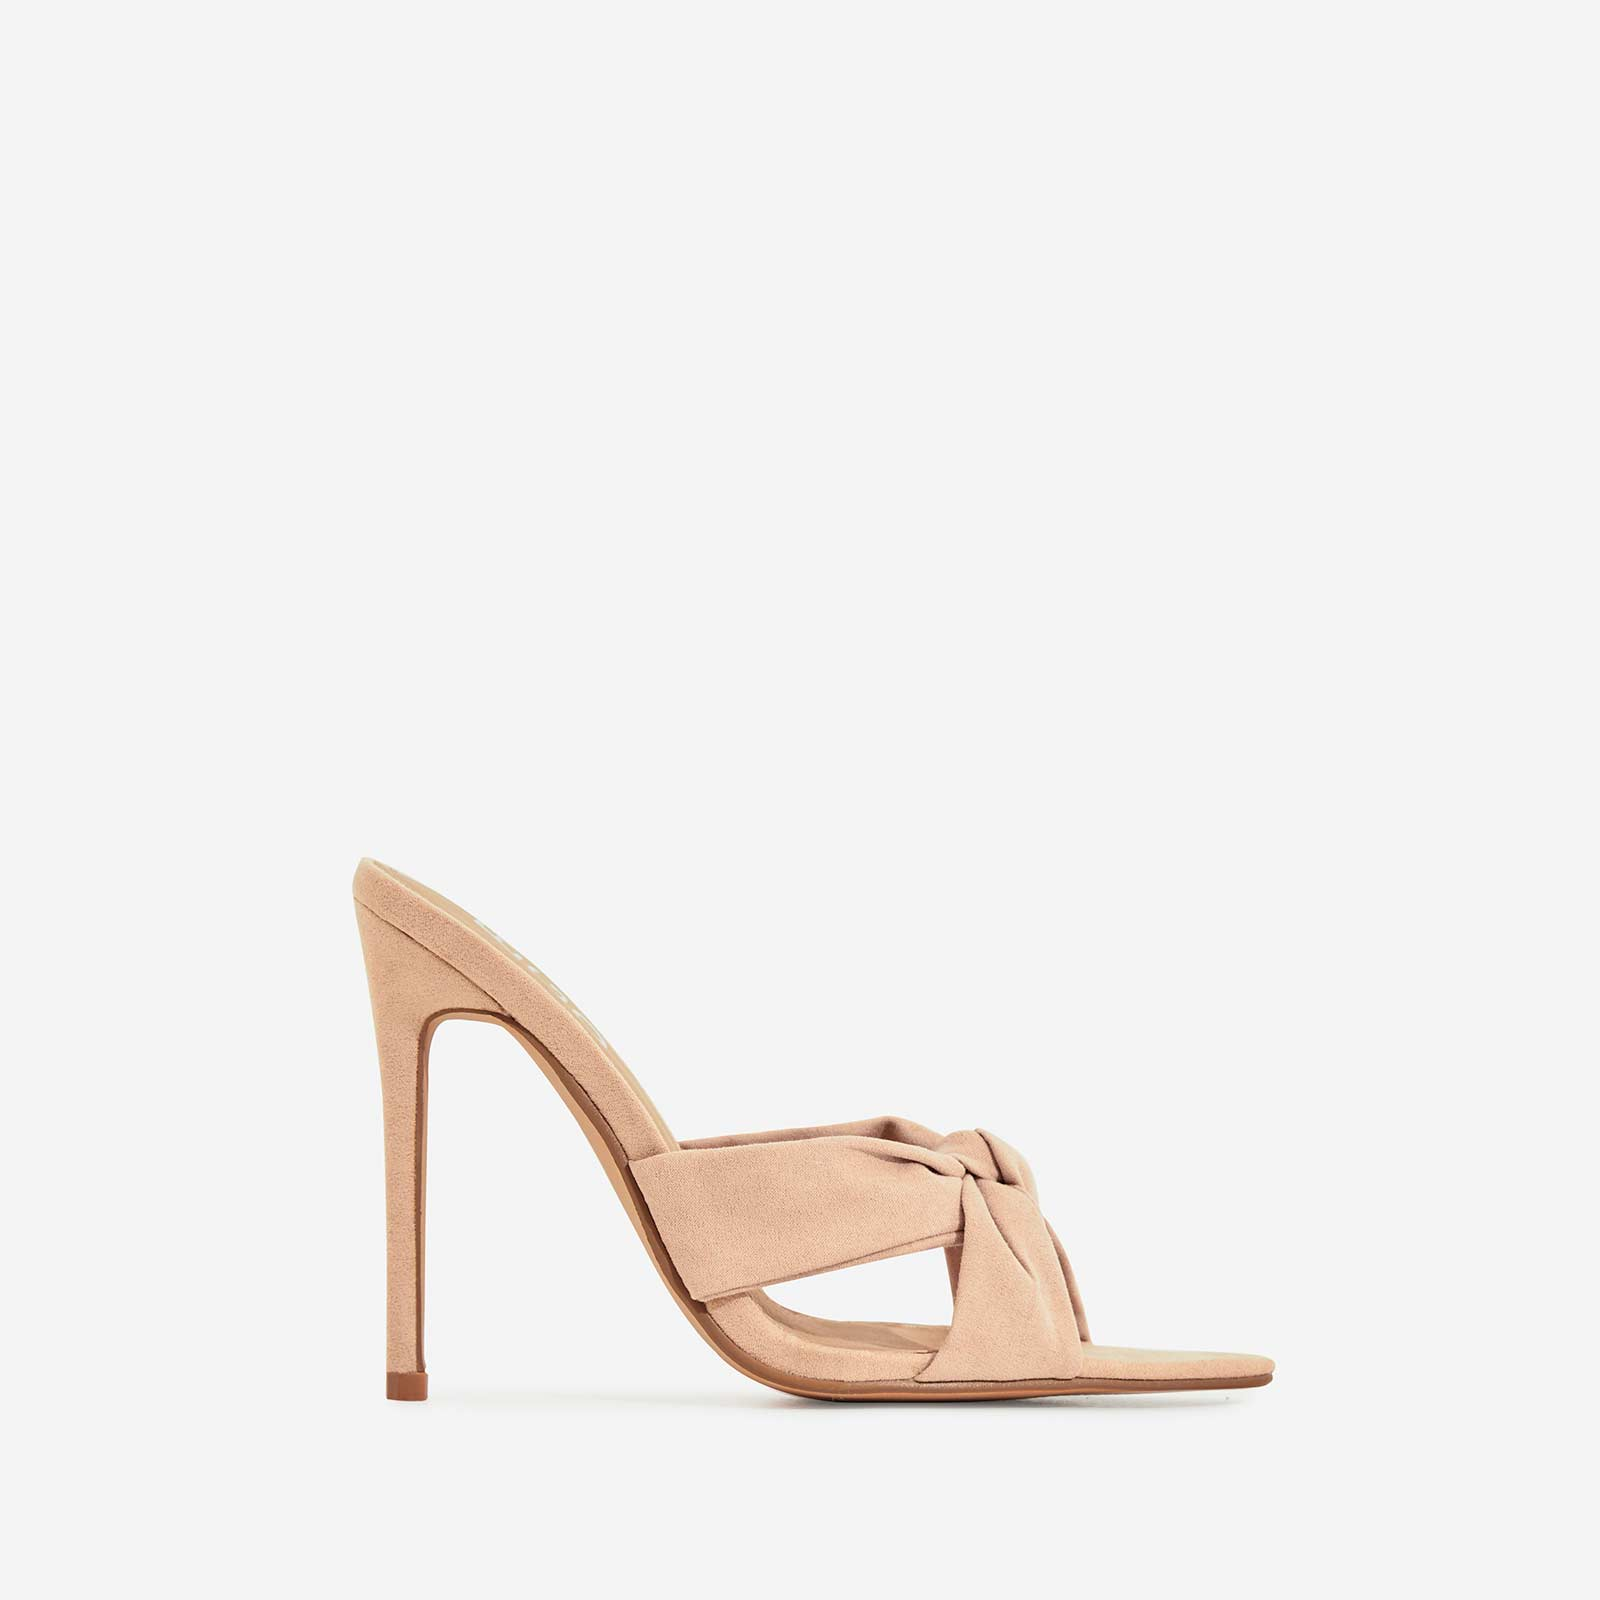 Saska Knot Detail Pointed Peep Toe Heel Mule In Nude Faux Suede